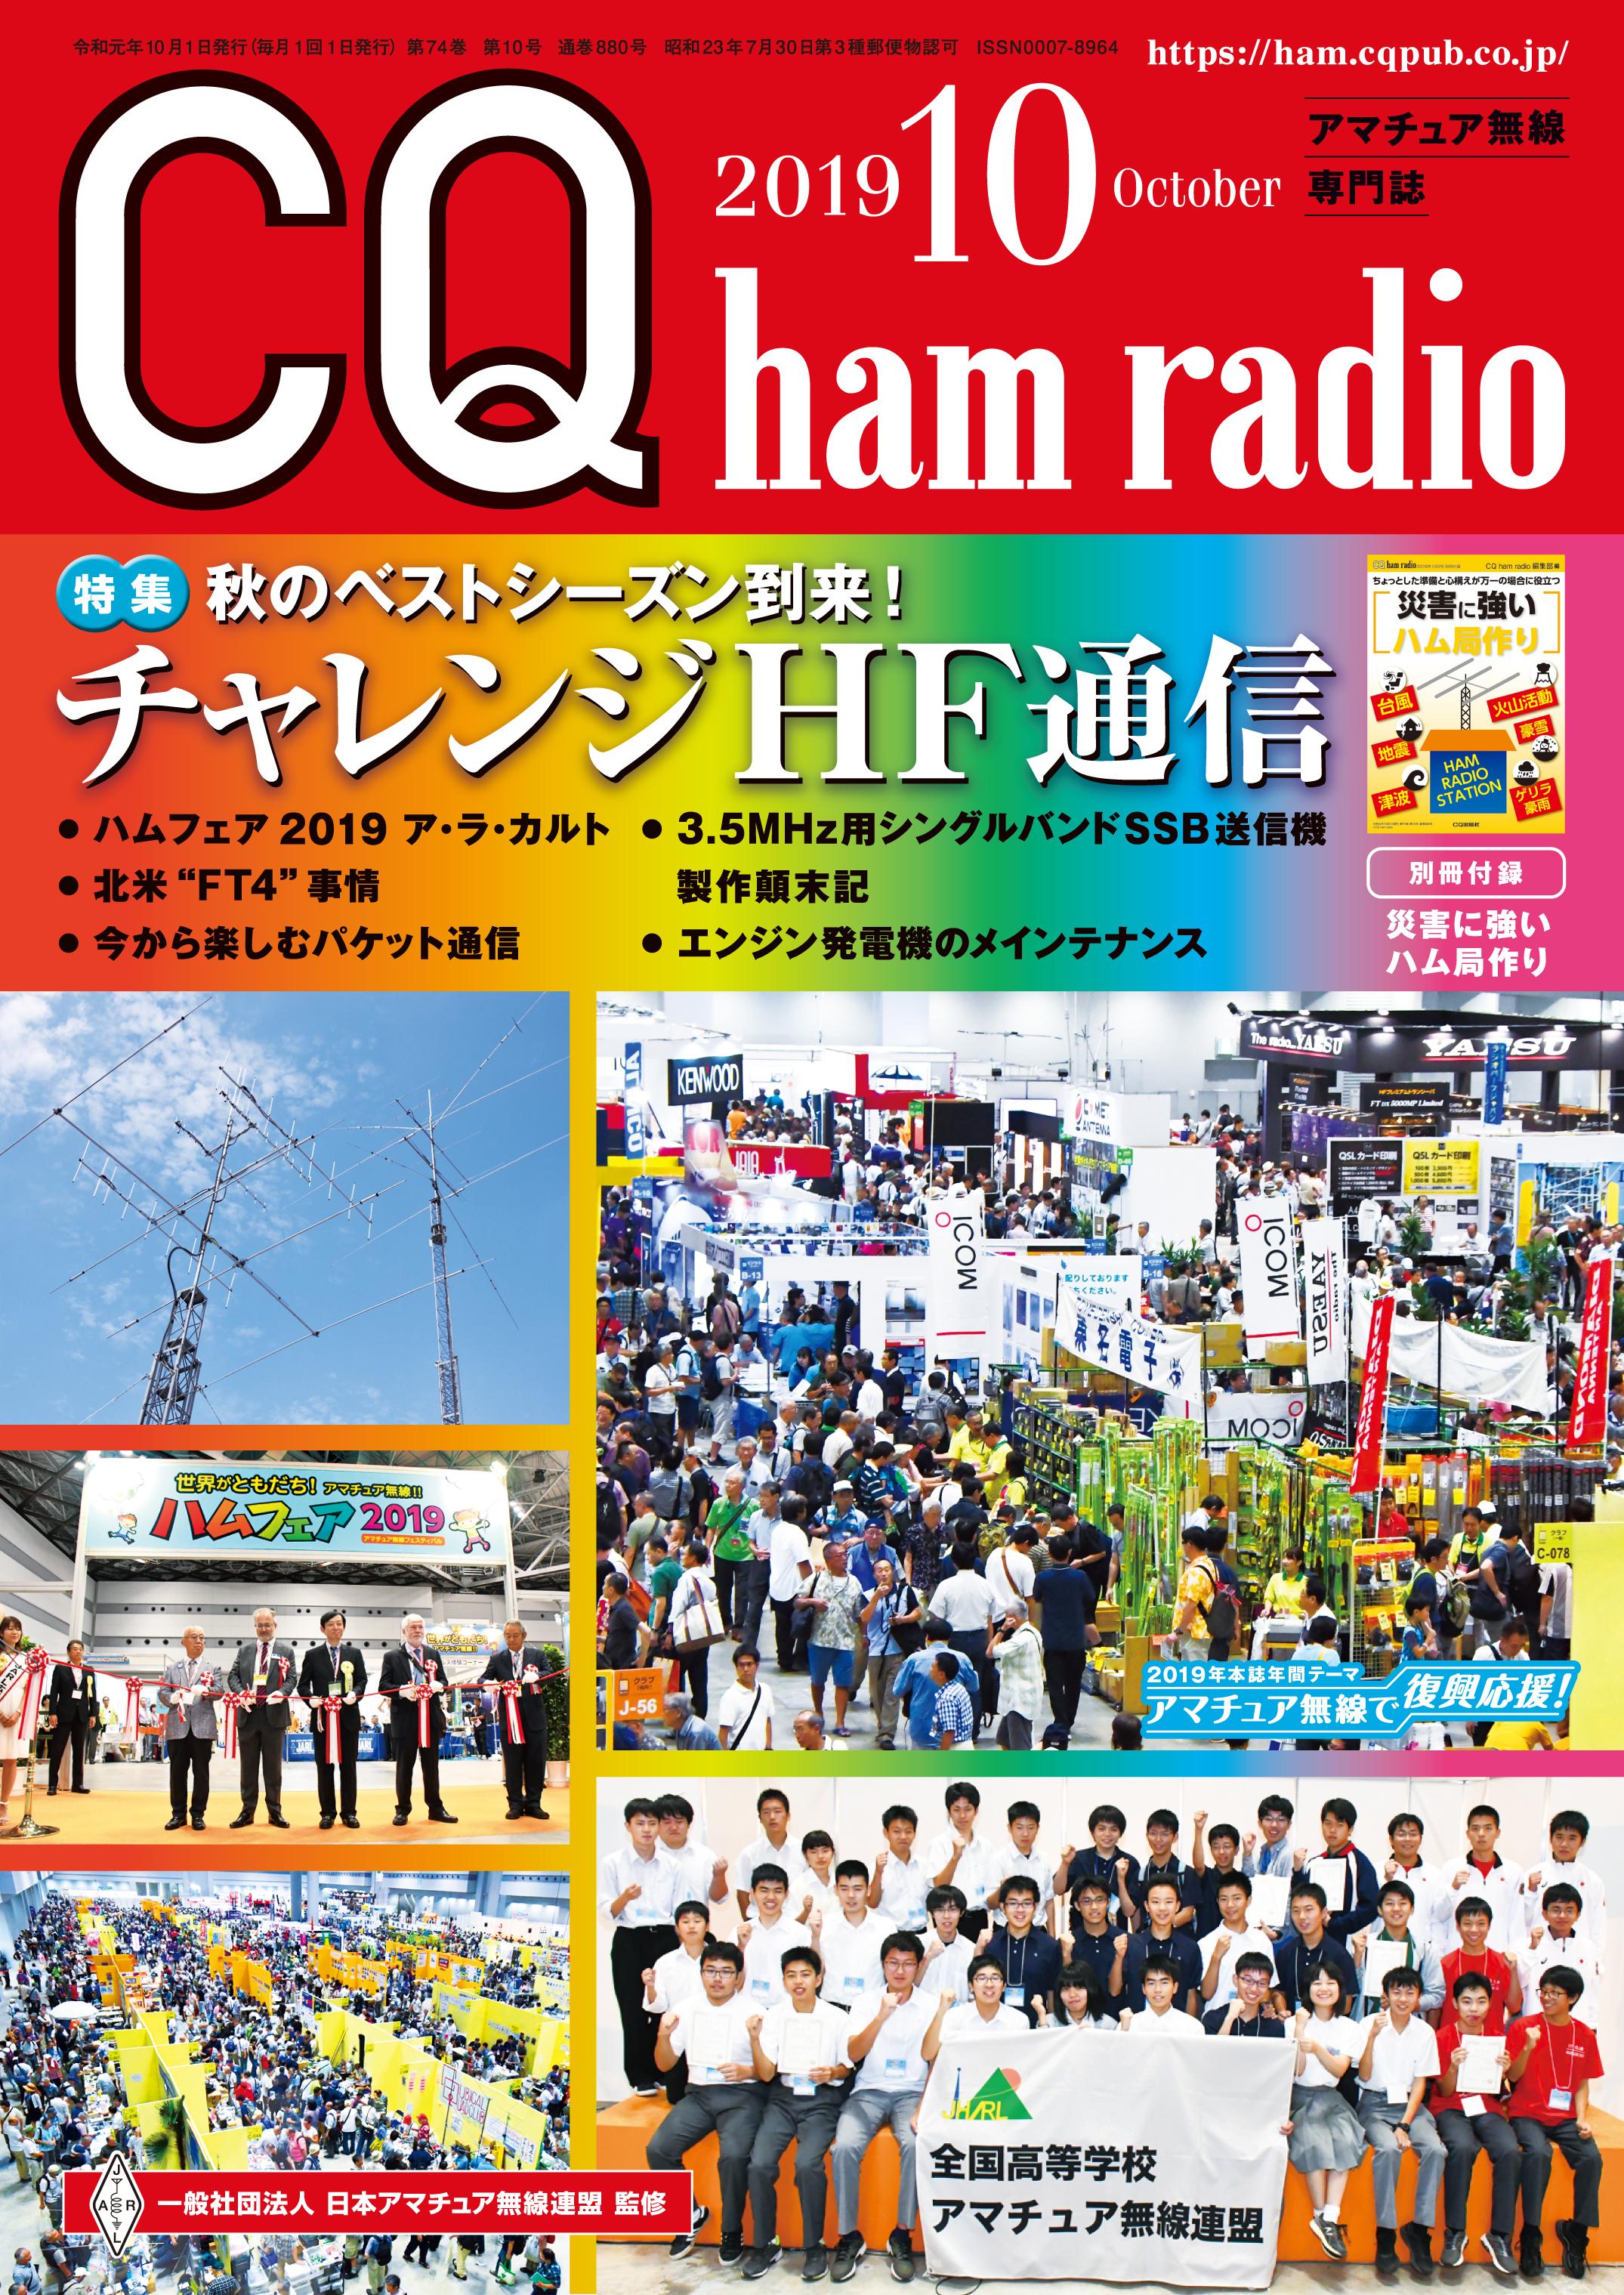 CQ ham radio 2019年10月号